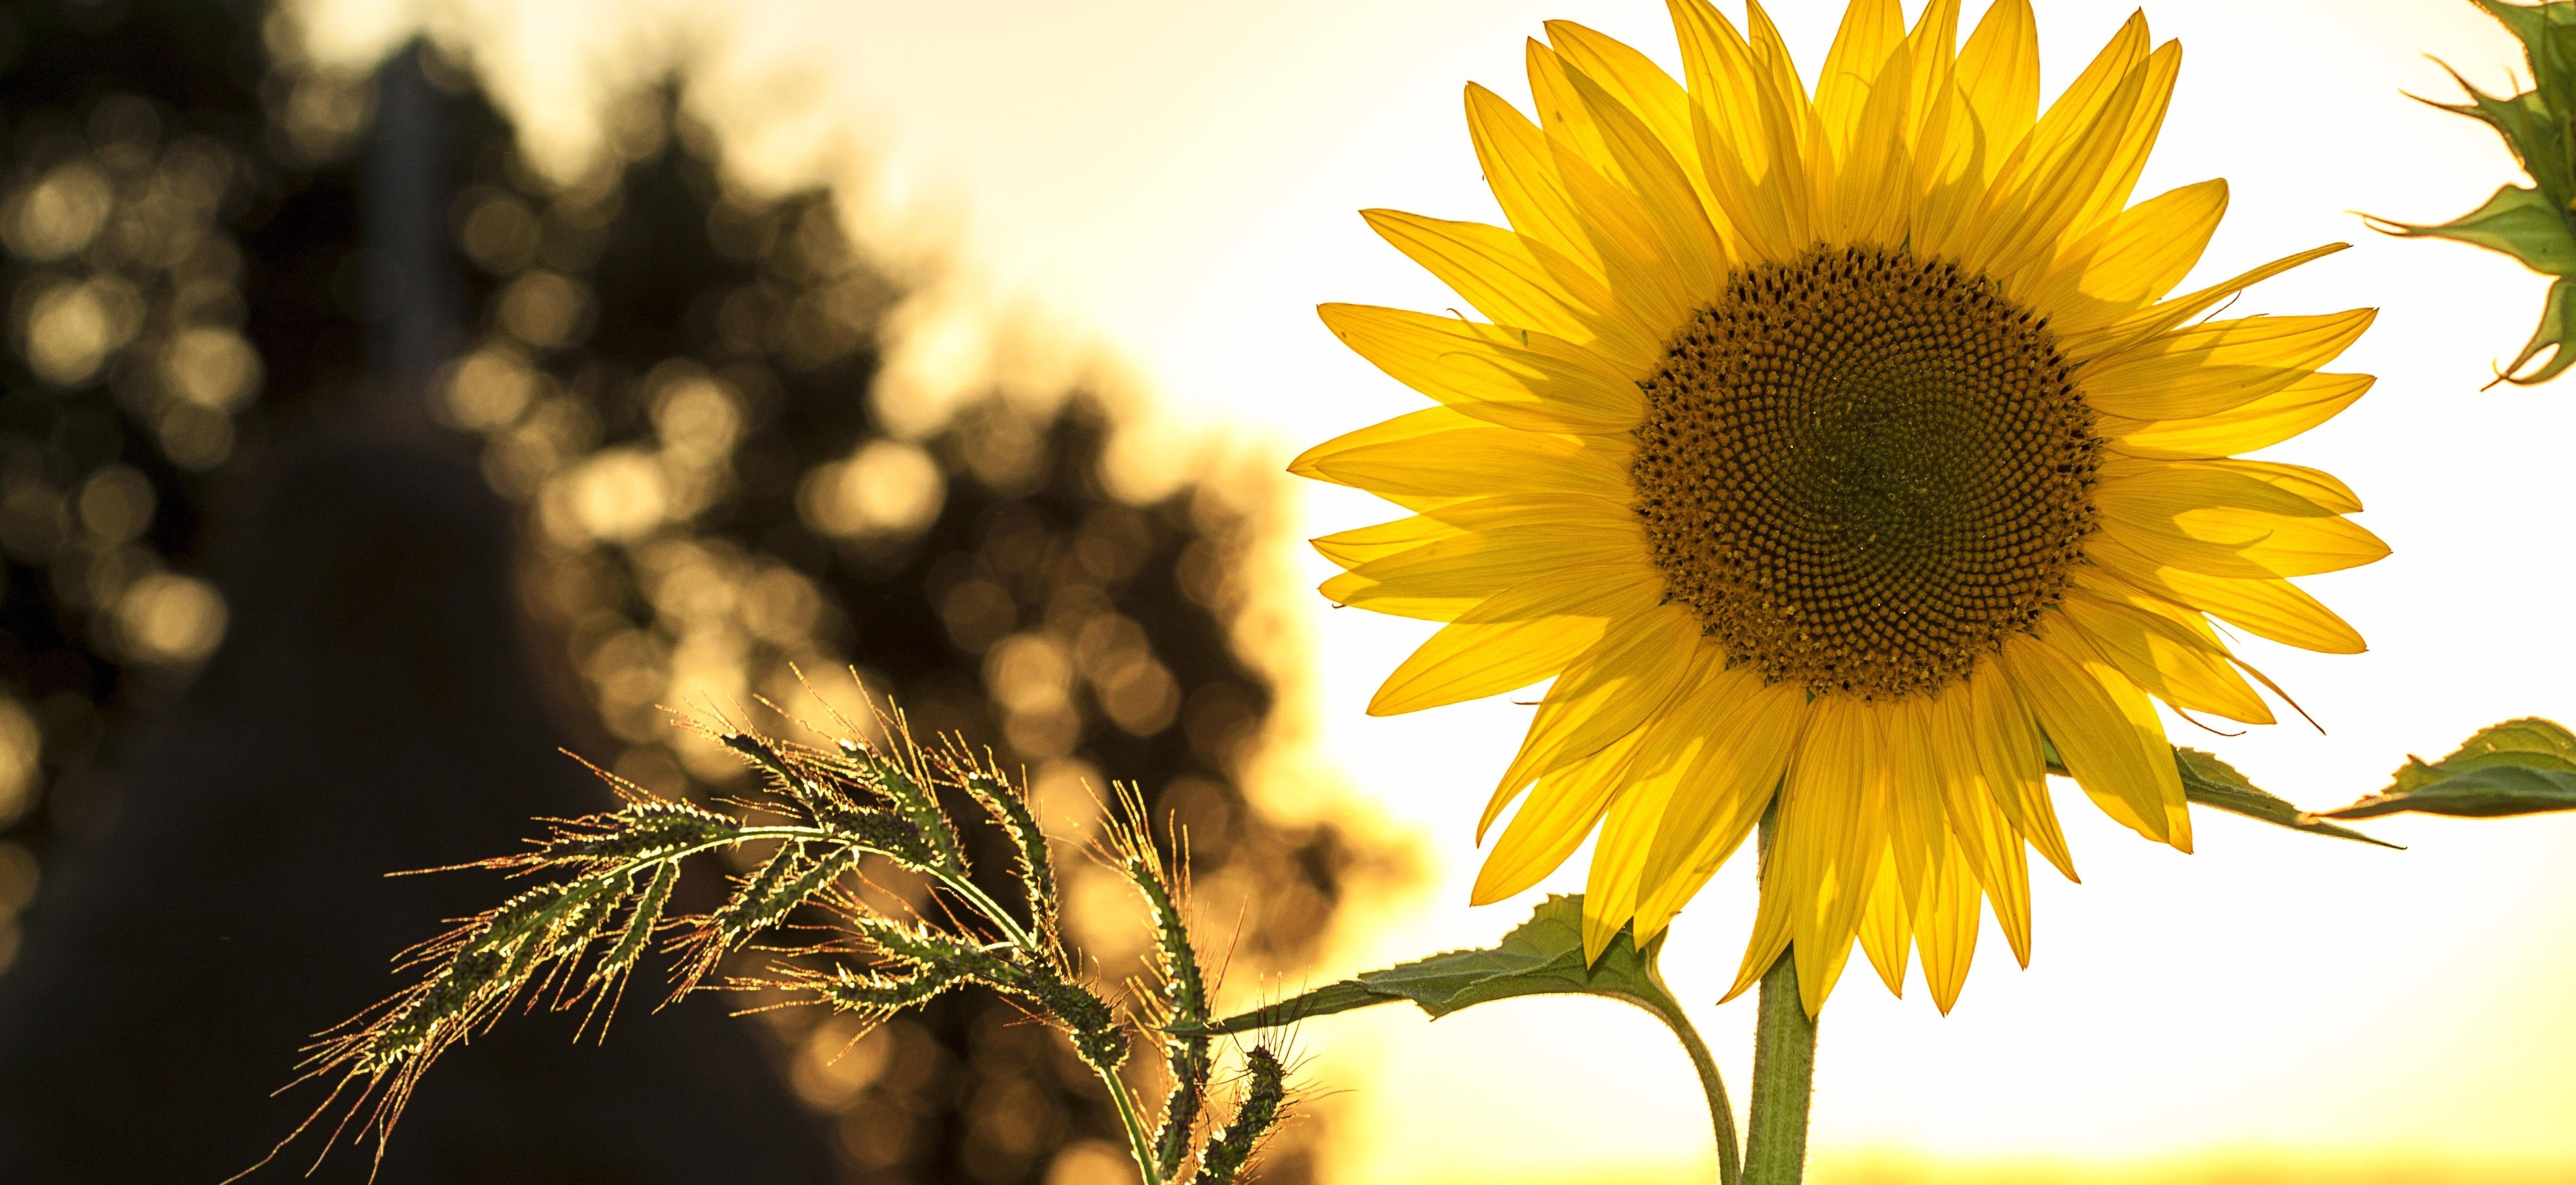 sunflower-sun-summer-yellow-slim